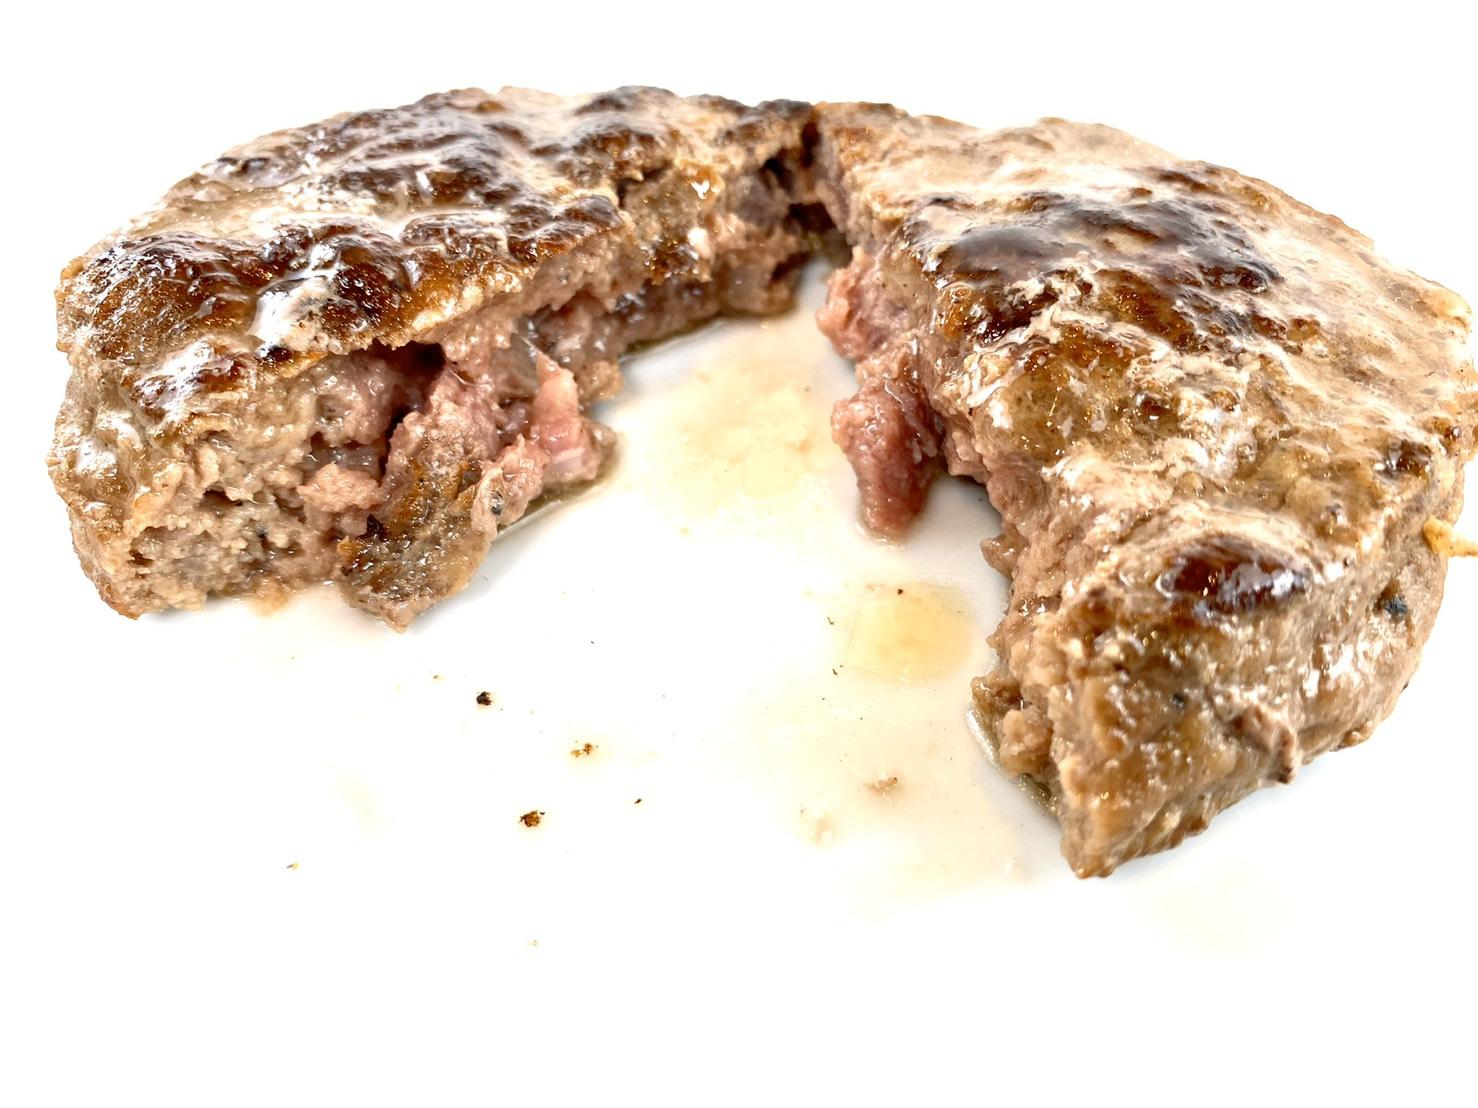 冷凍 超美品再入荷品質至上 カレー専用ハンバーグ 牛肉100% 粗挽き 茹で過ぎ注意 沸騰したお湯に凍ったまま袋ごとポチャン7分 120g 激安挑戦中 あらあらしい